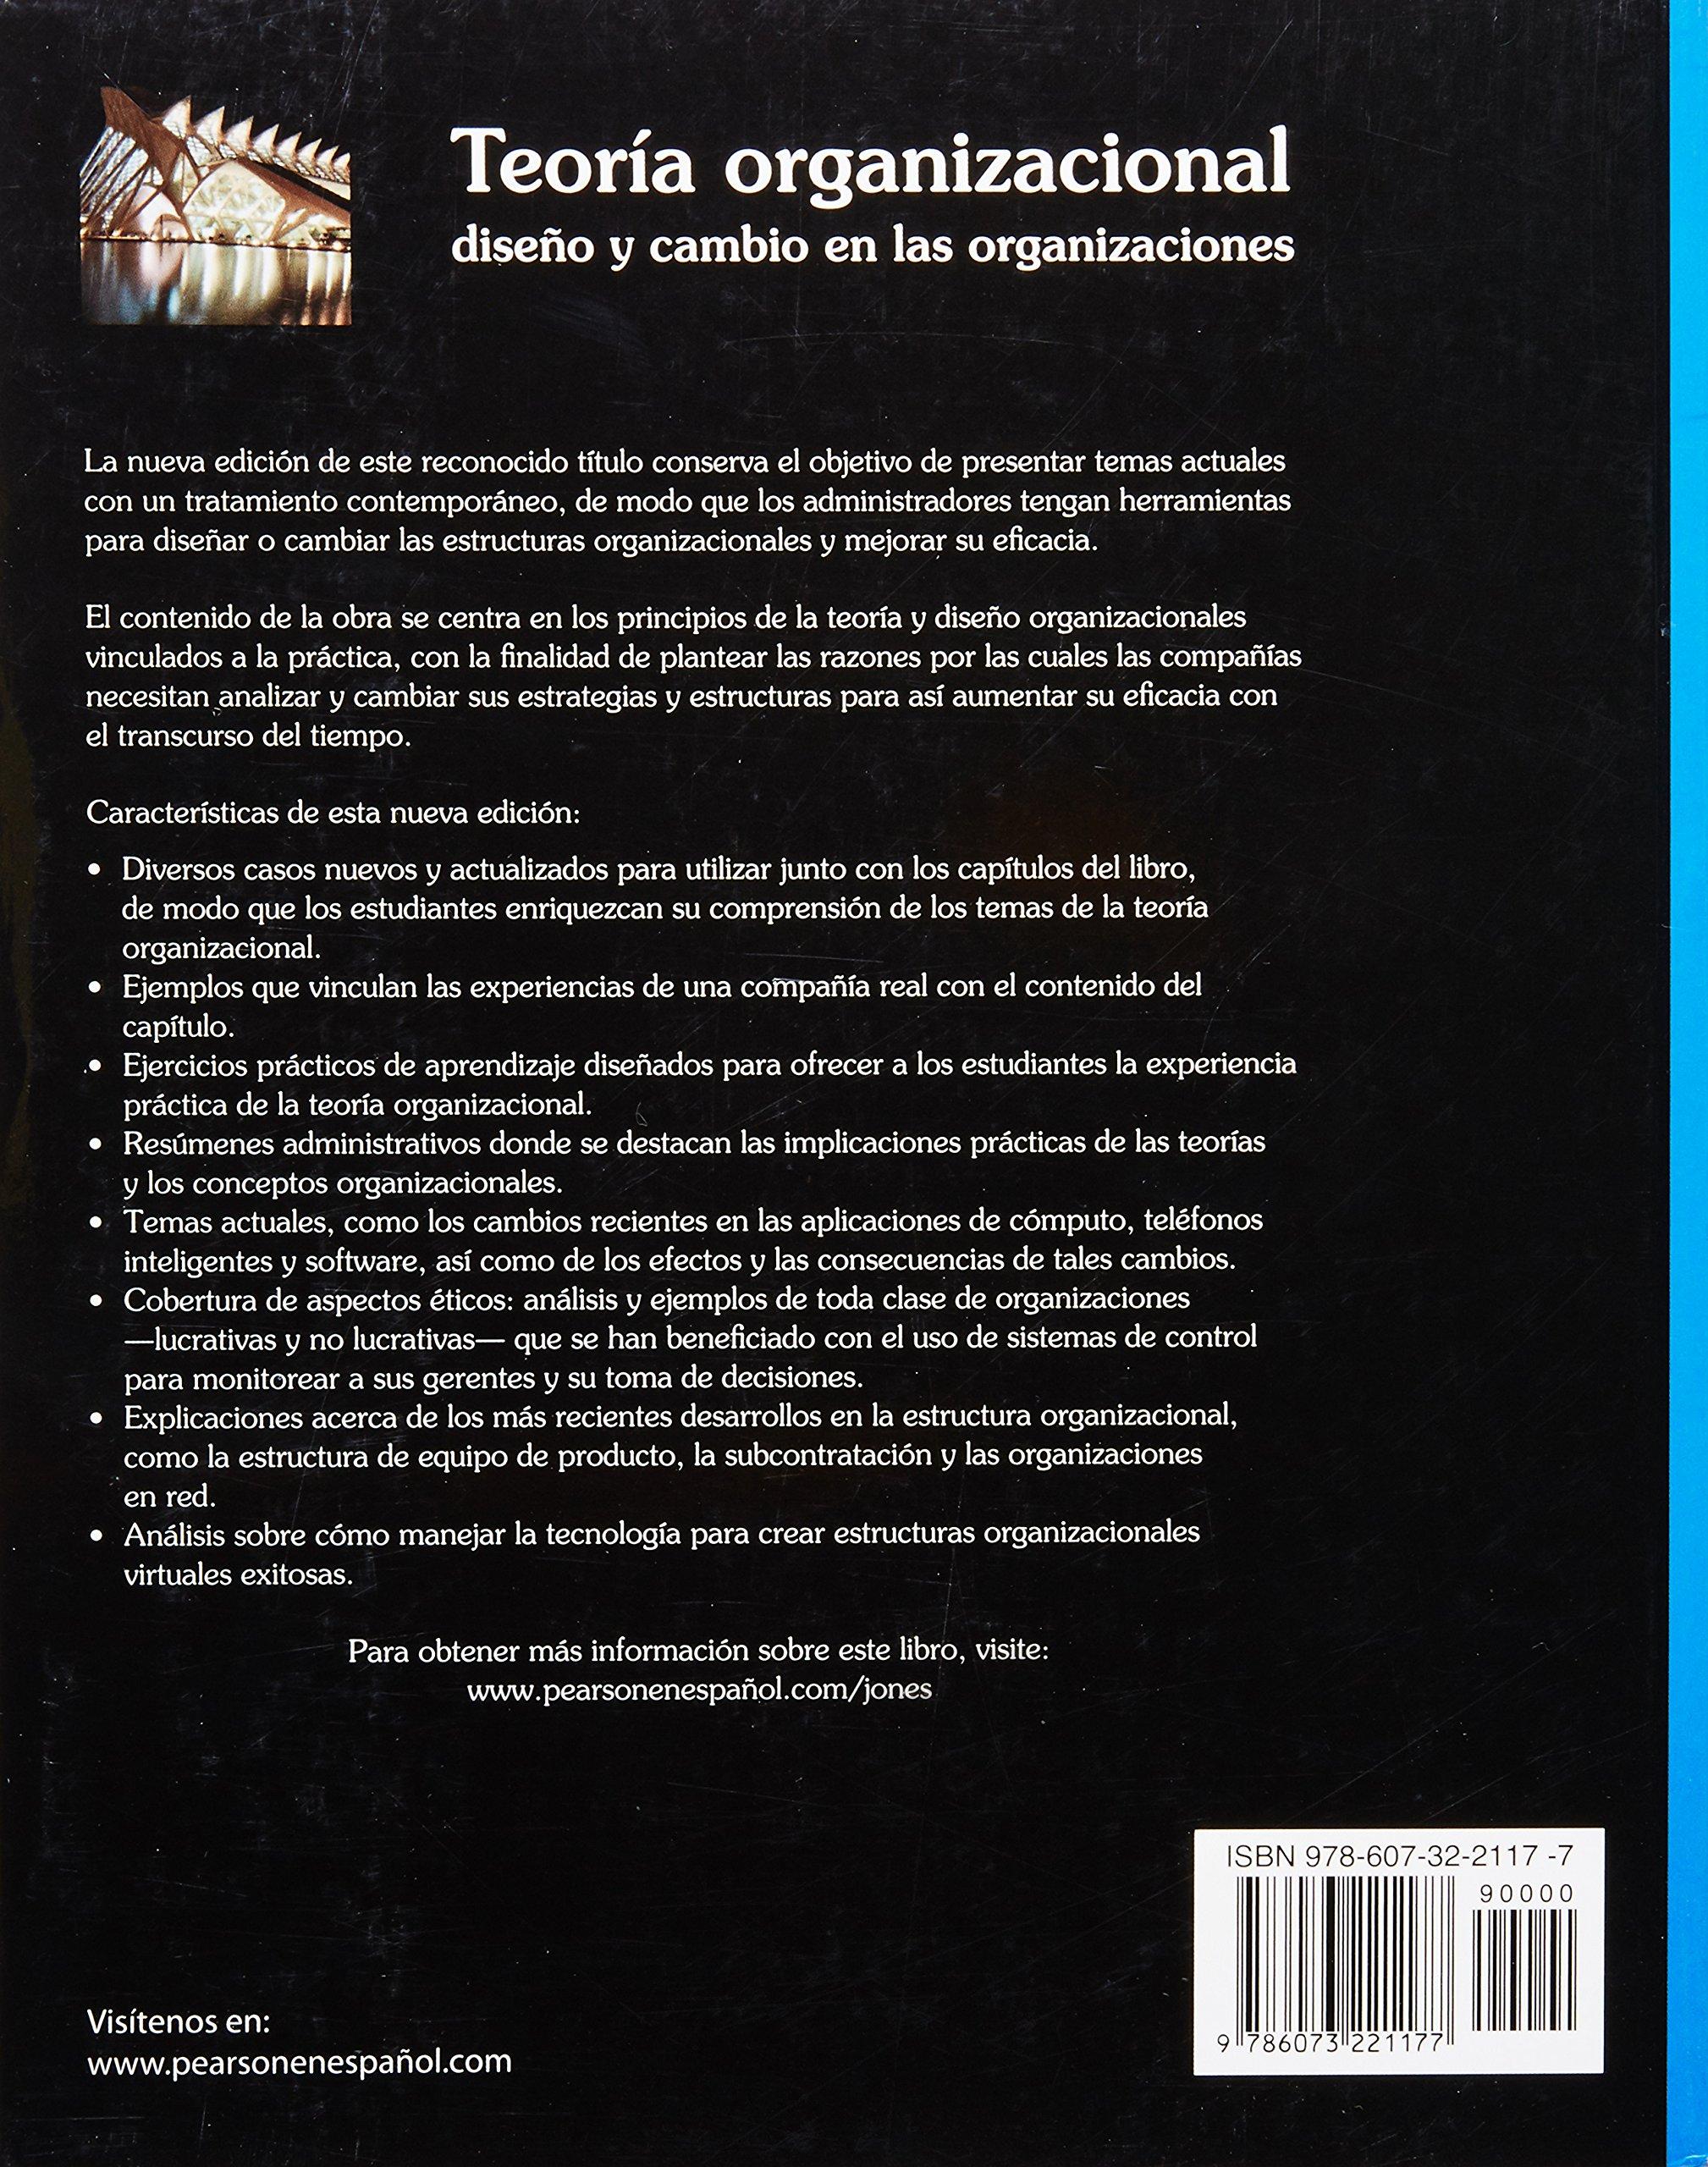 Lujoso Objetivo De Resumen De Administrador Asst Viñeta - Colección ...